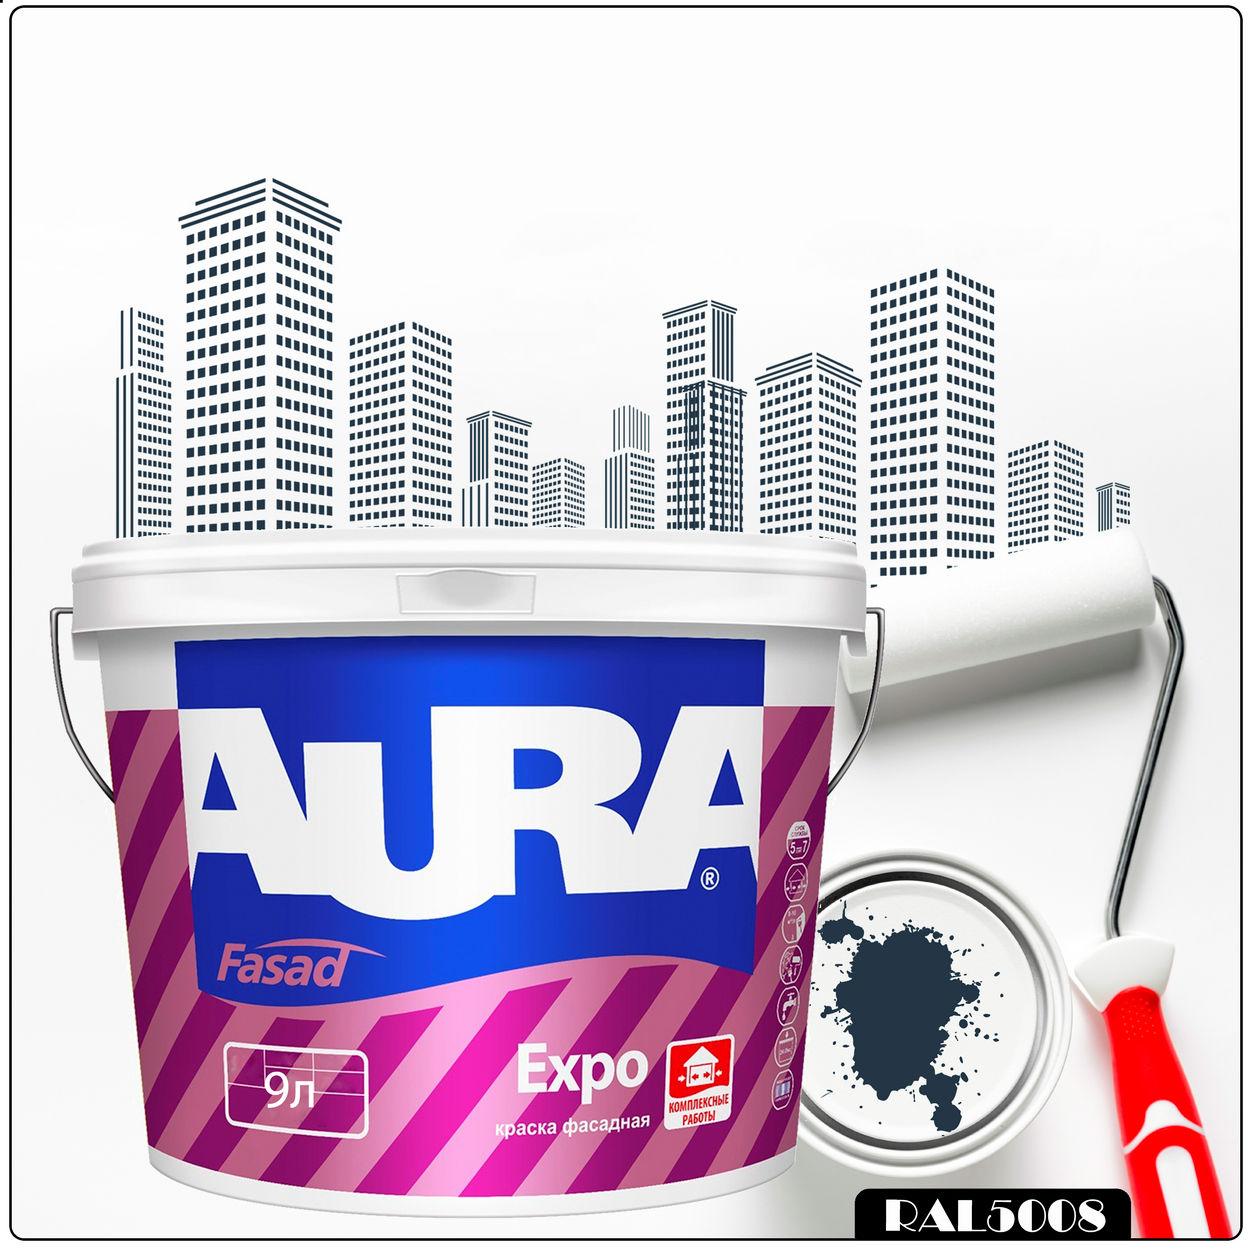 Фото 8 - Краска Aura Fasad Expo, RAL 5008 Серо-синий, матовая, для фасадов и помещений с повышенной влажностью, 9л.